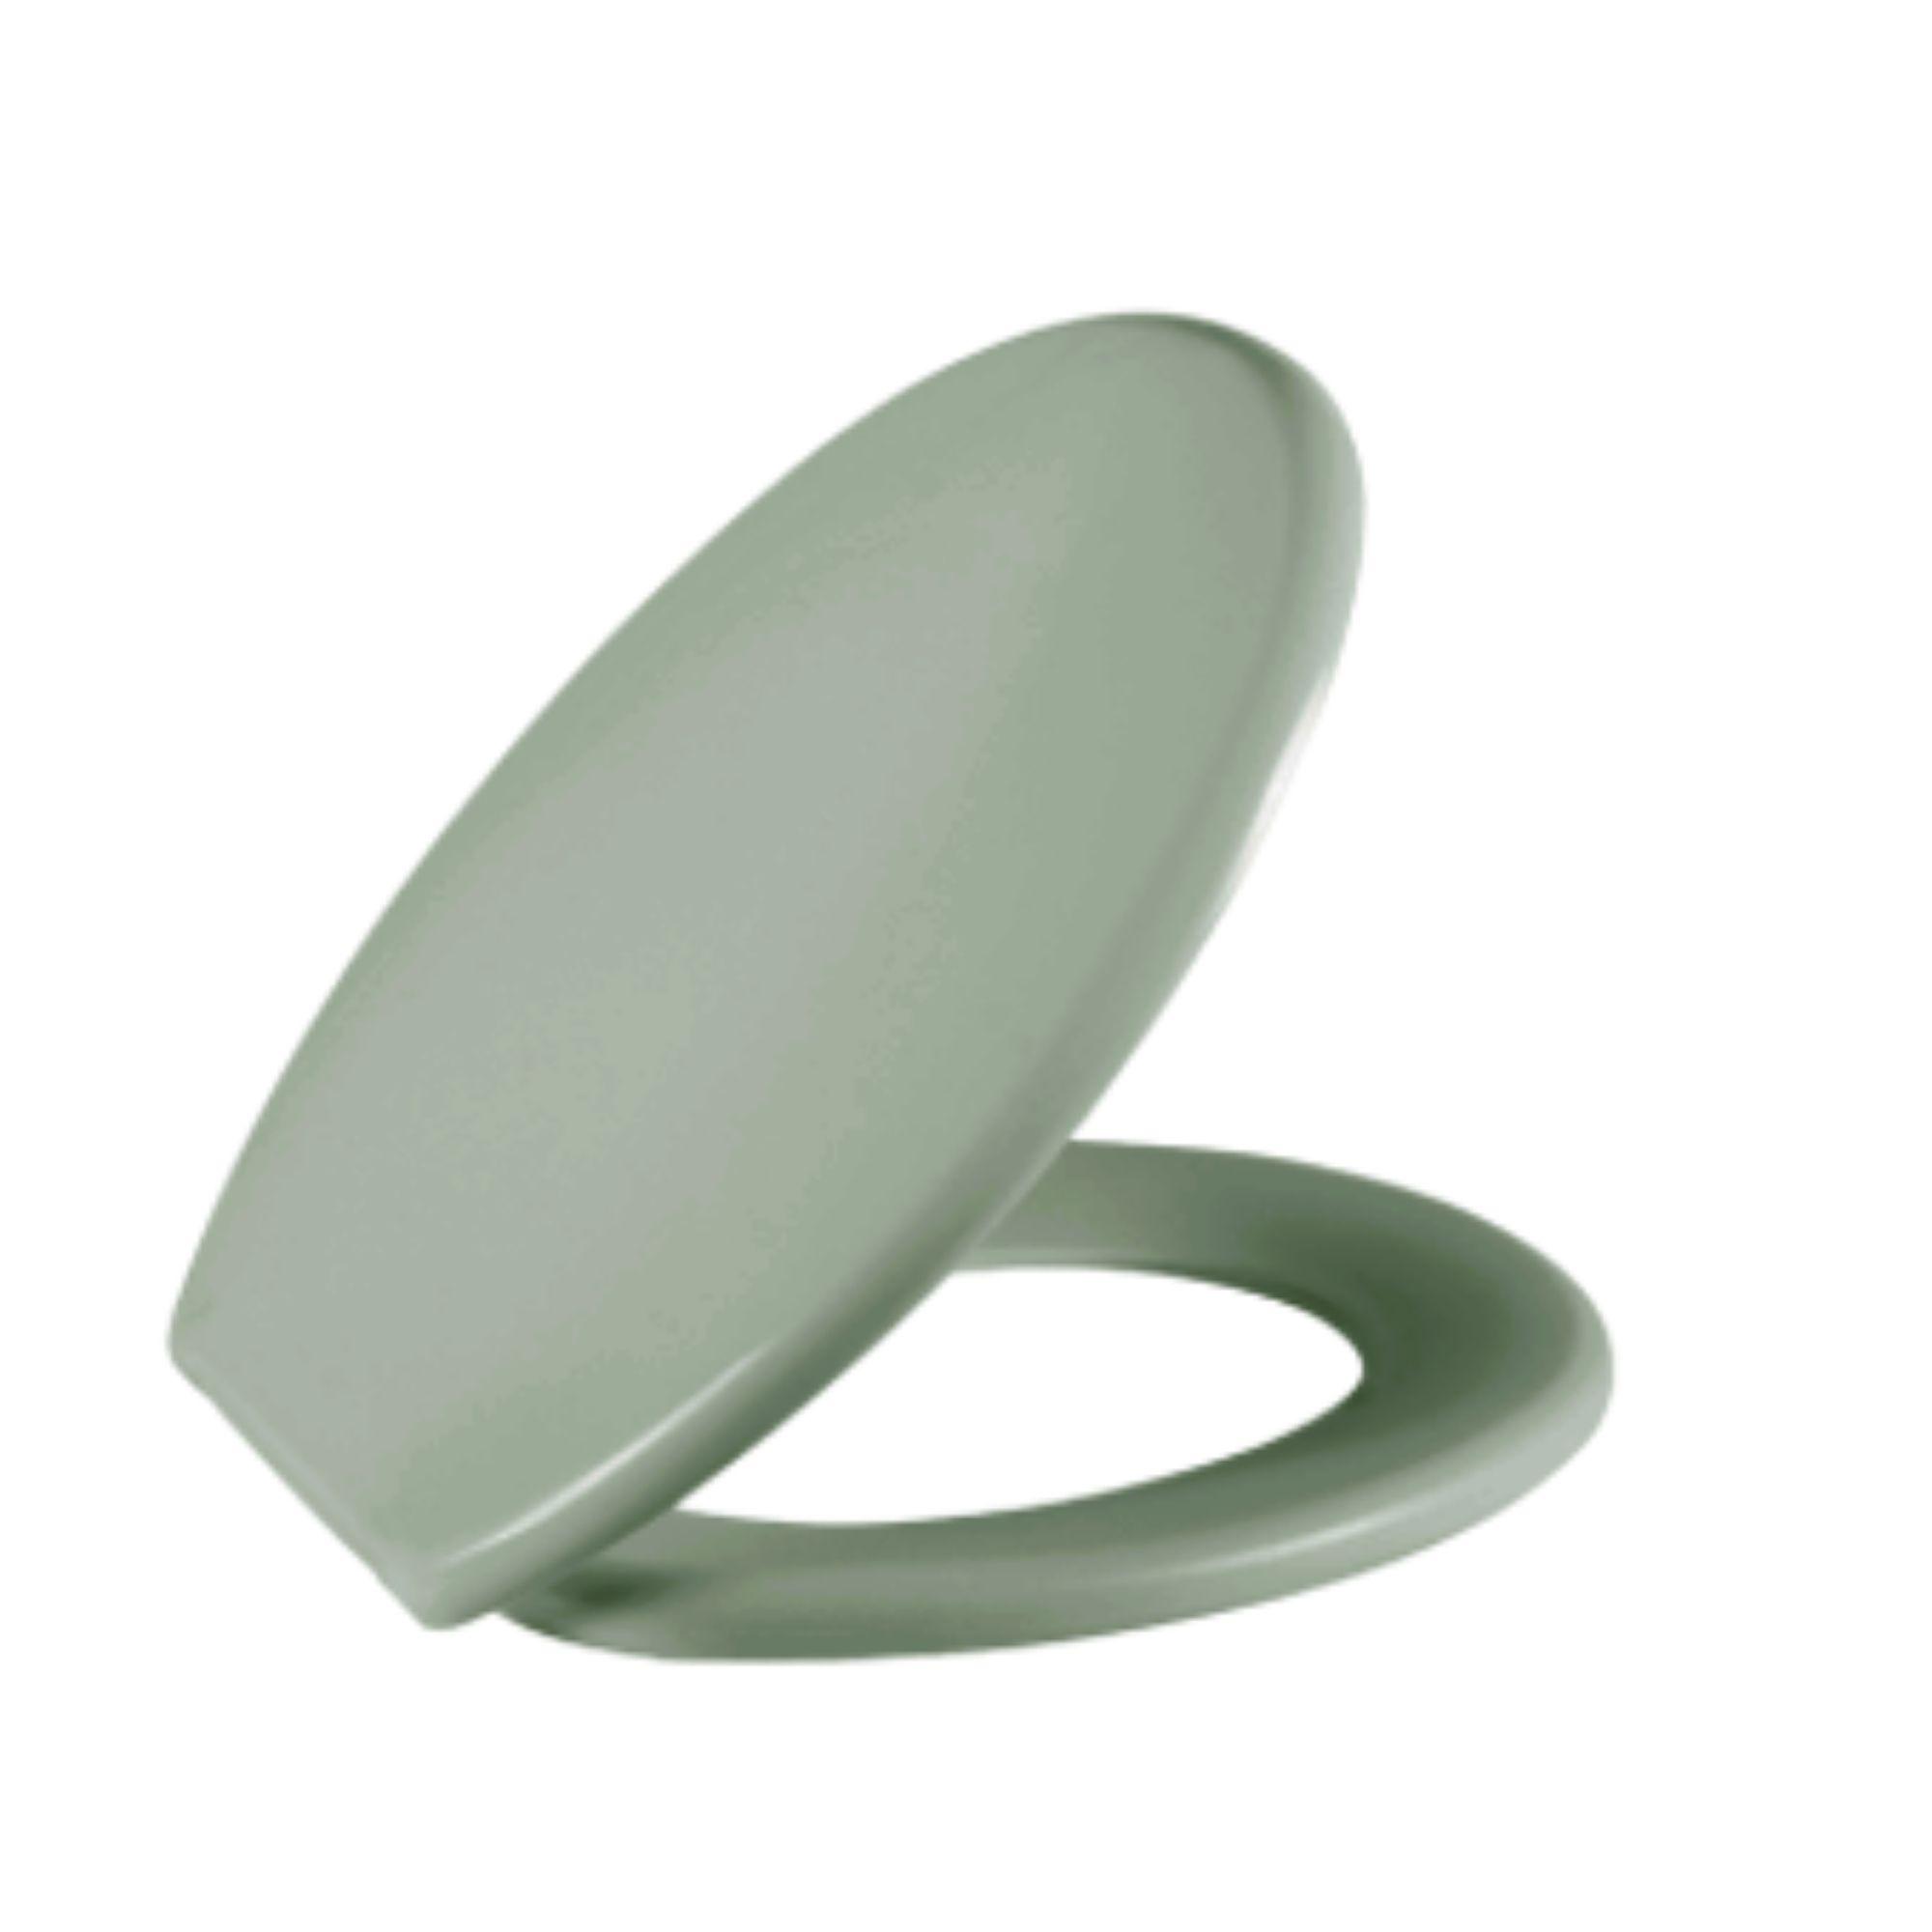 Assento Sanitário Oval Soft Verde VD6